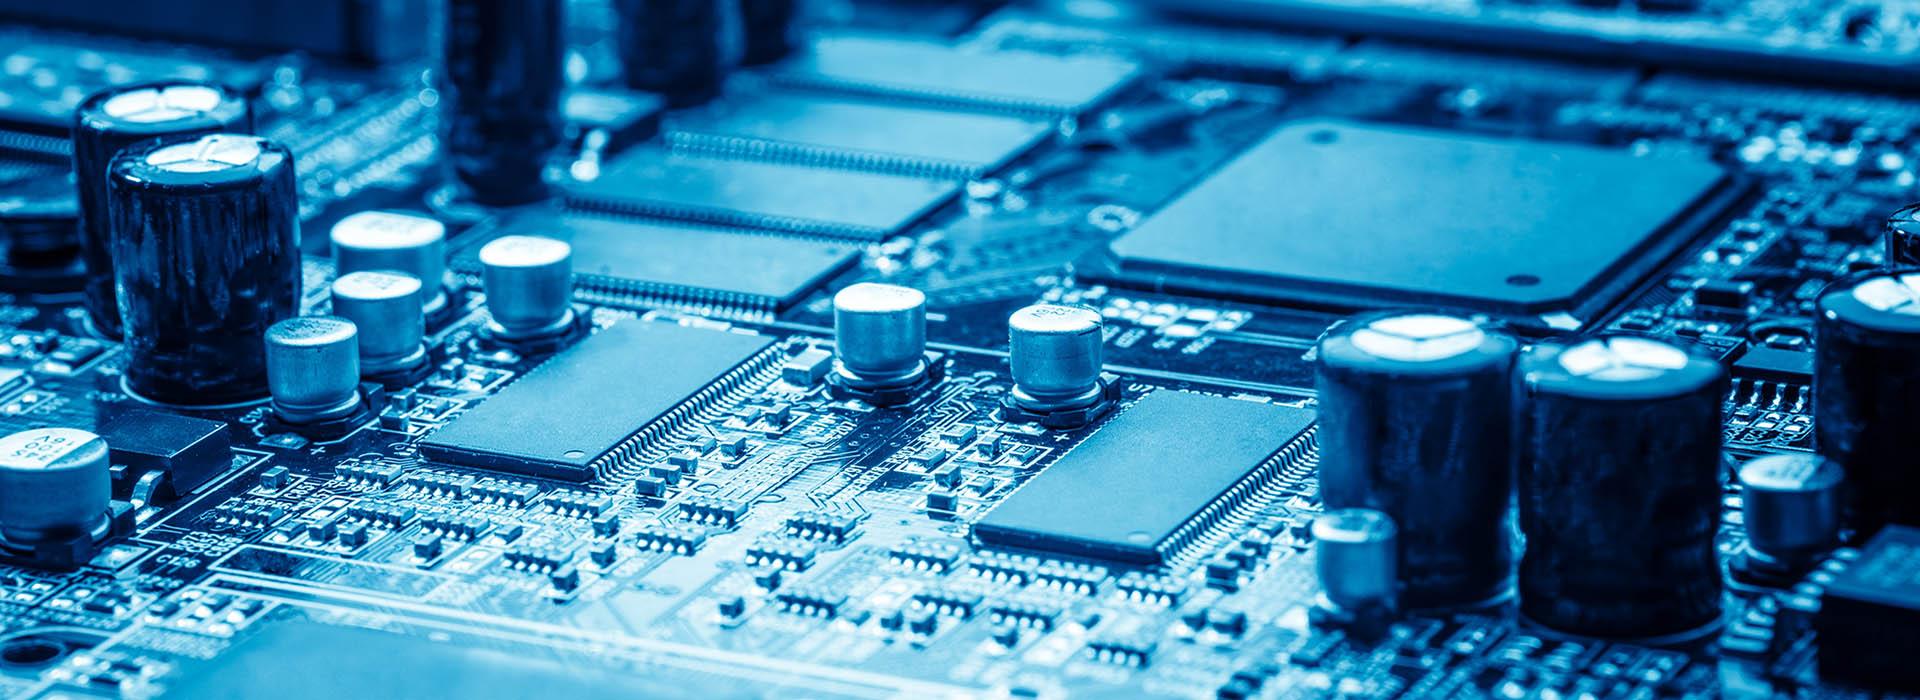 Leiterplatten, Kondensatoren, Transistoren, LED, Lohngurtung - Mble Lohngurtservice